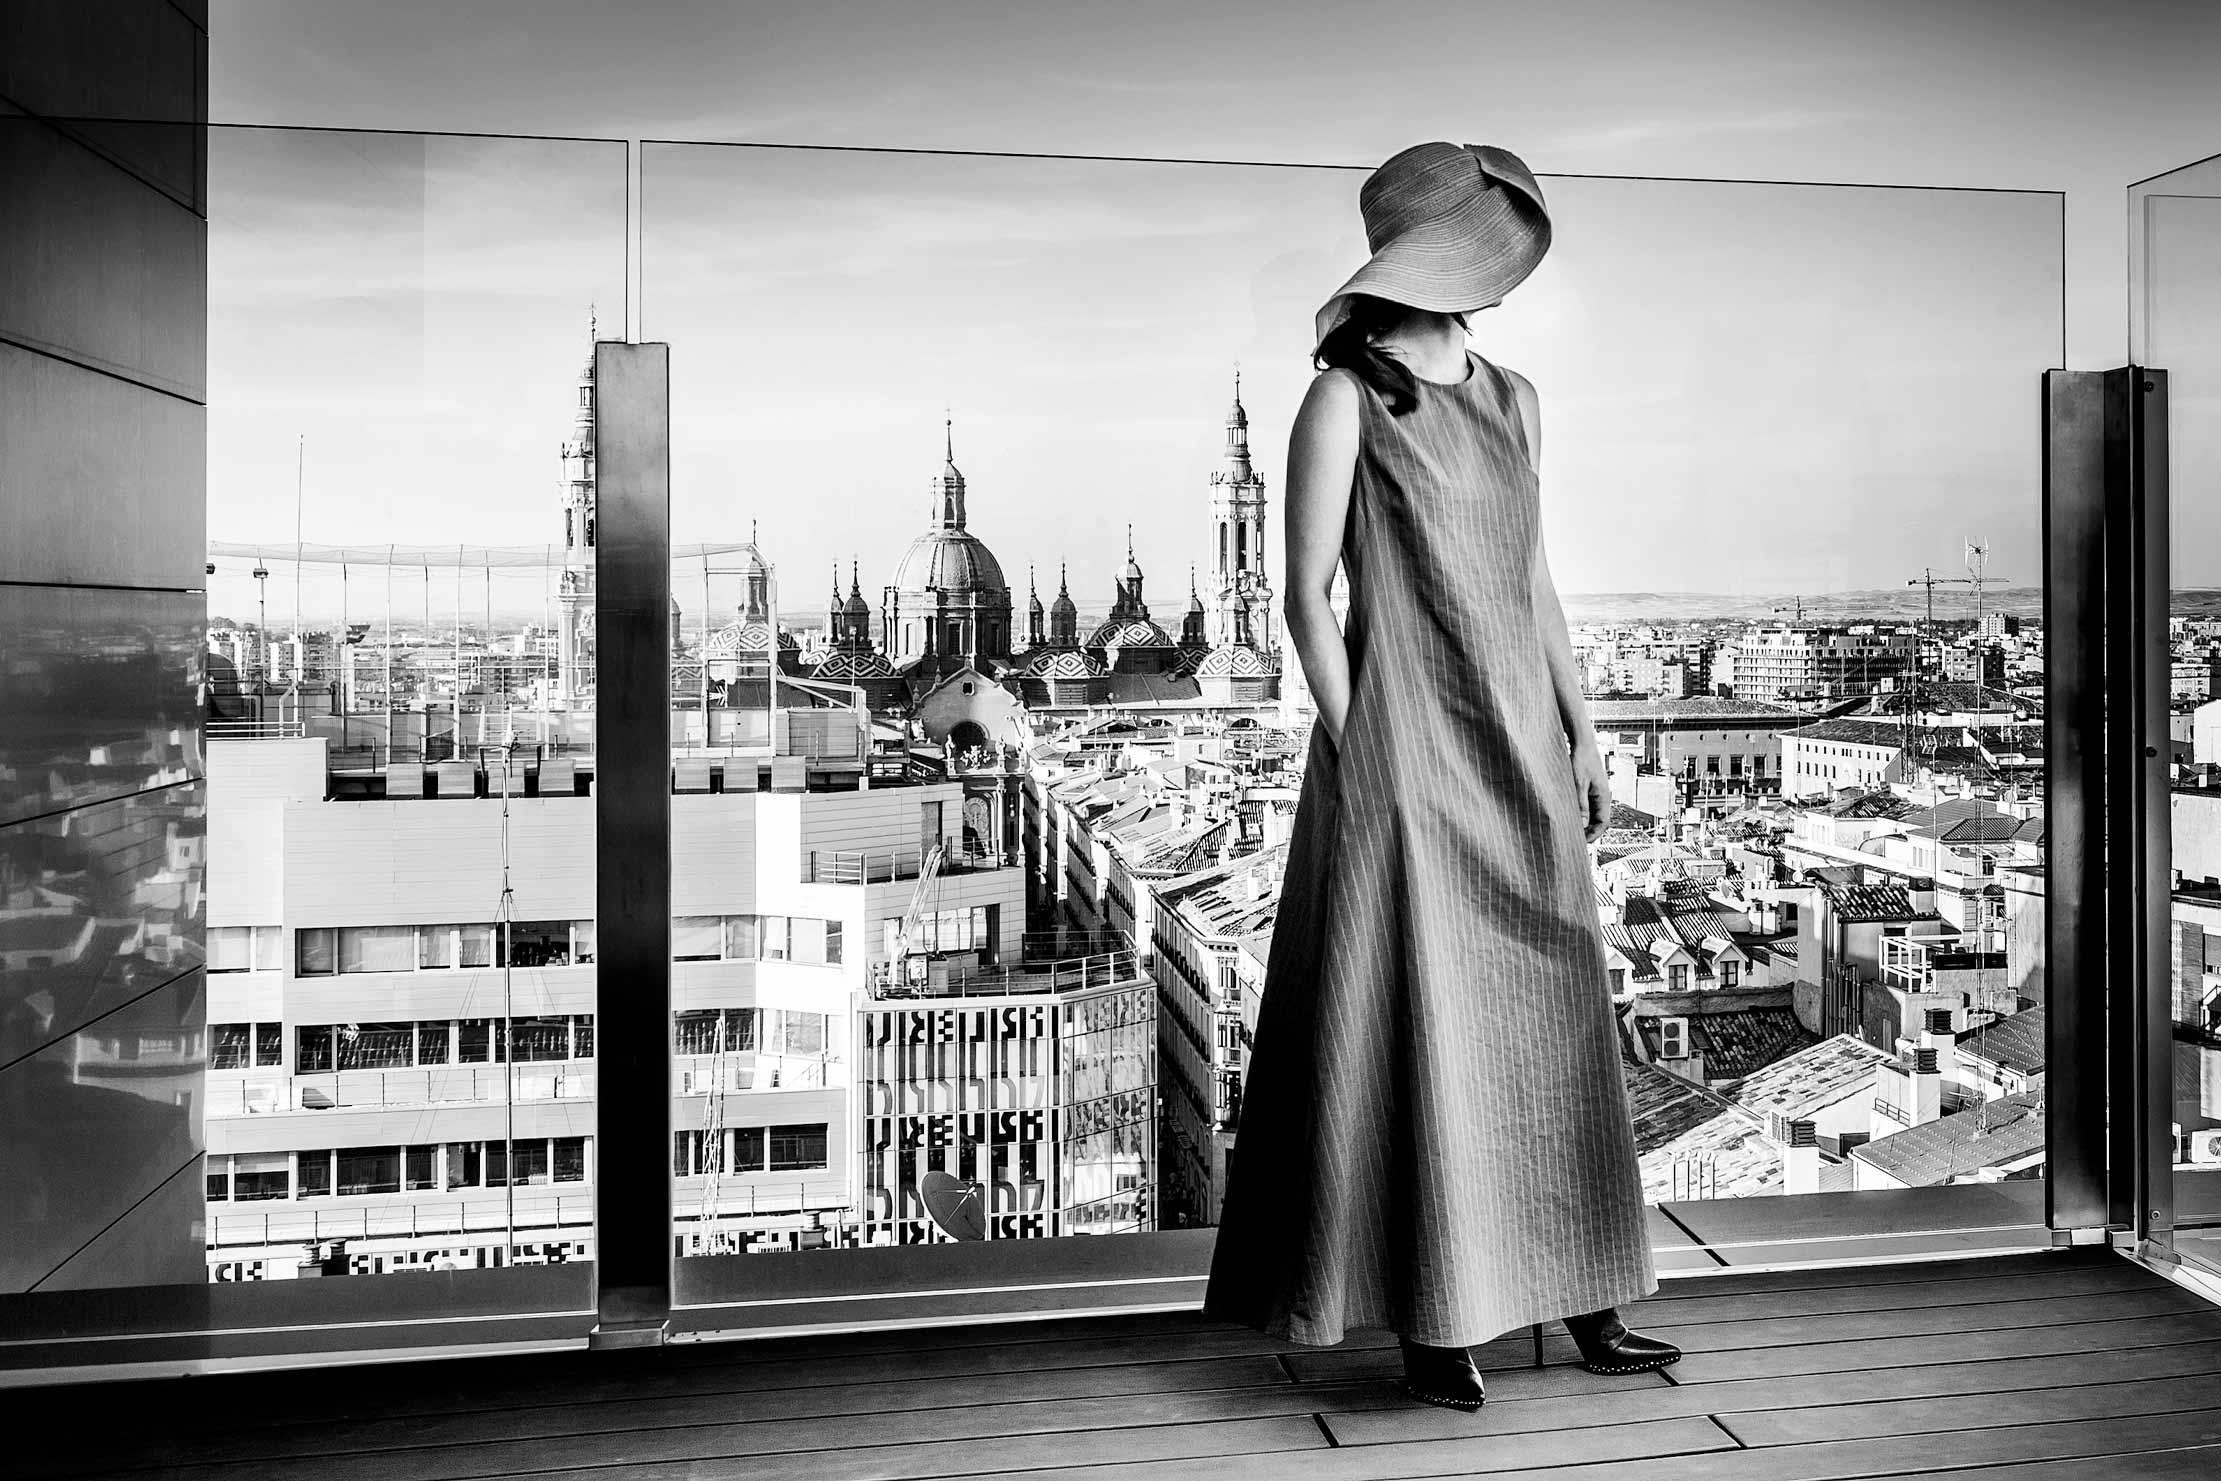 fotografia catalogo publicidad moda jose anoro